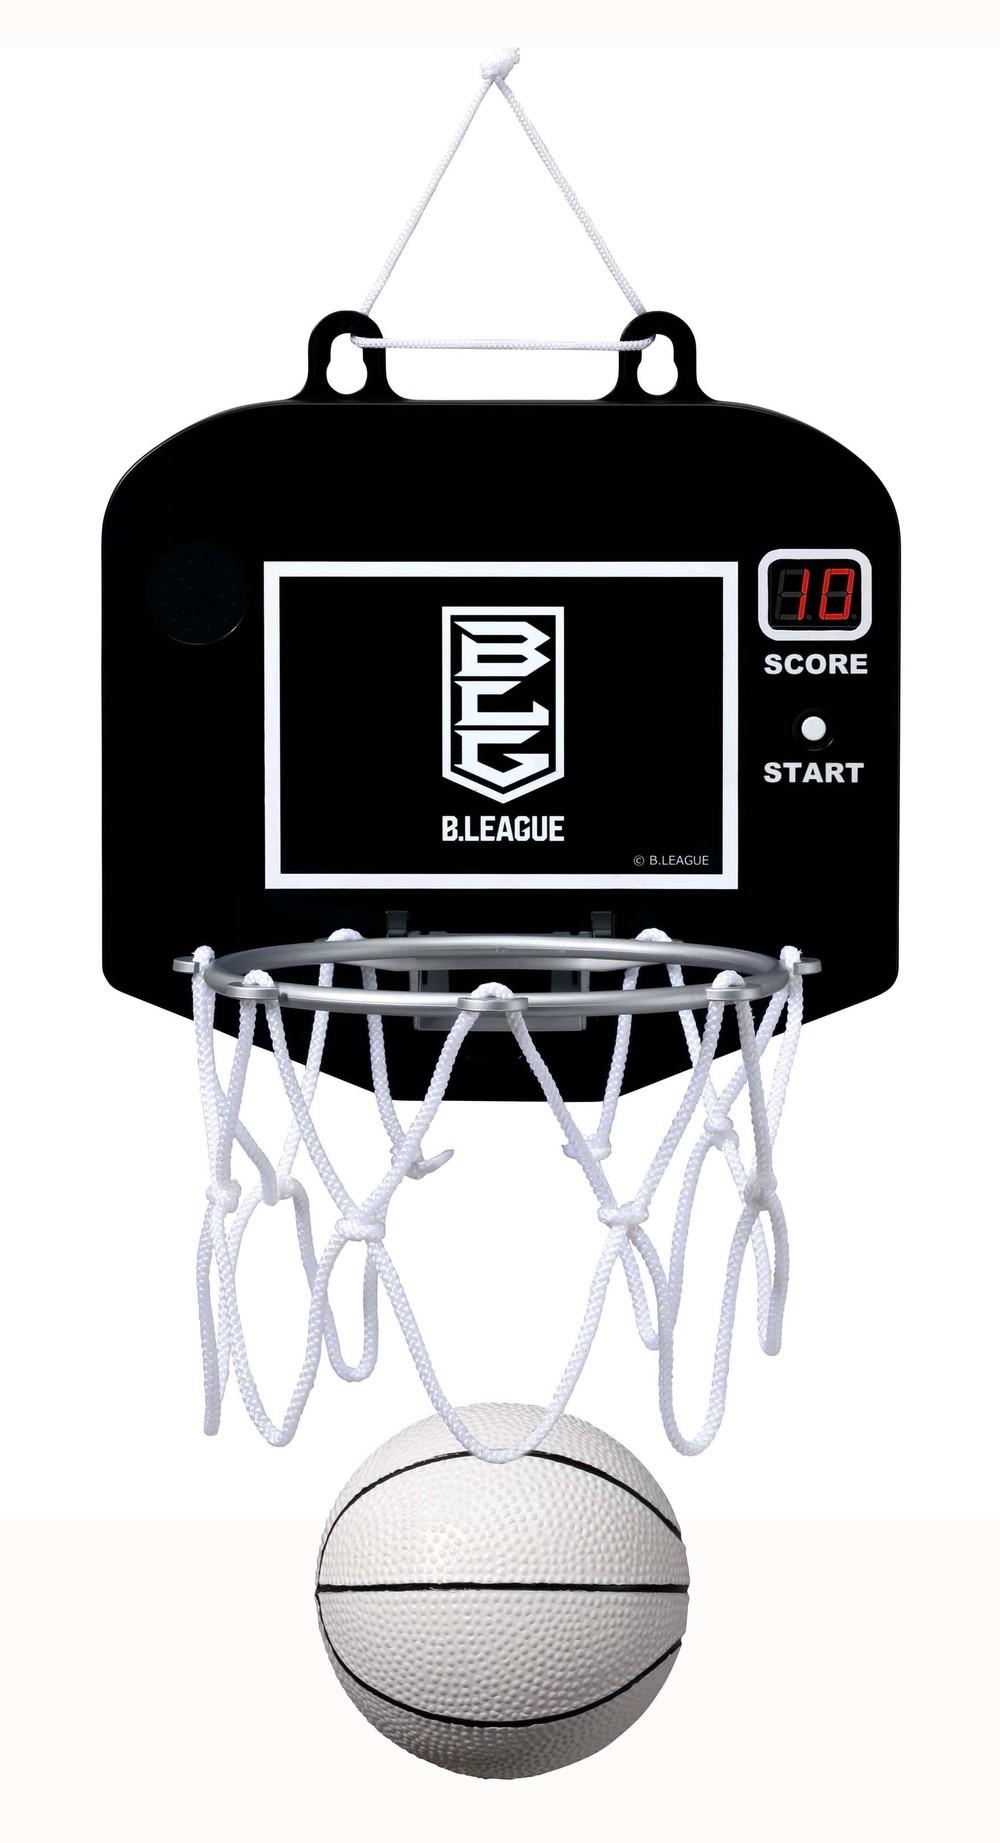 バスケ「B.LEAGUE」とコラボ 部屋にゴール設置しシュート数競う